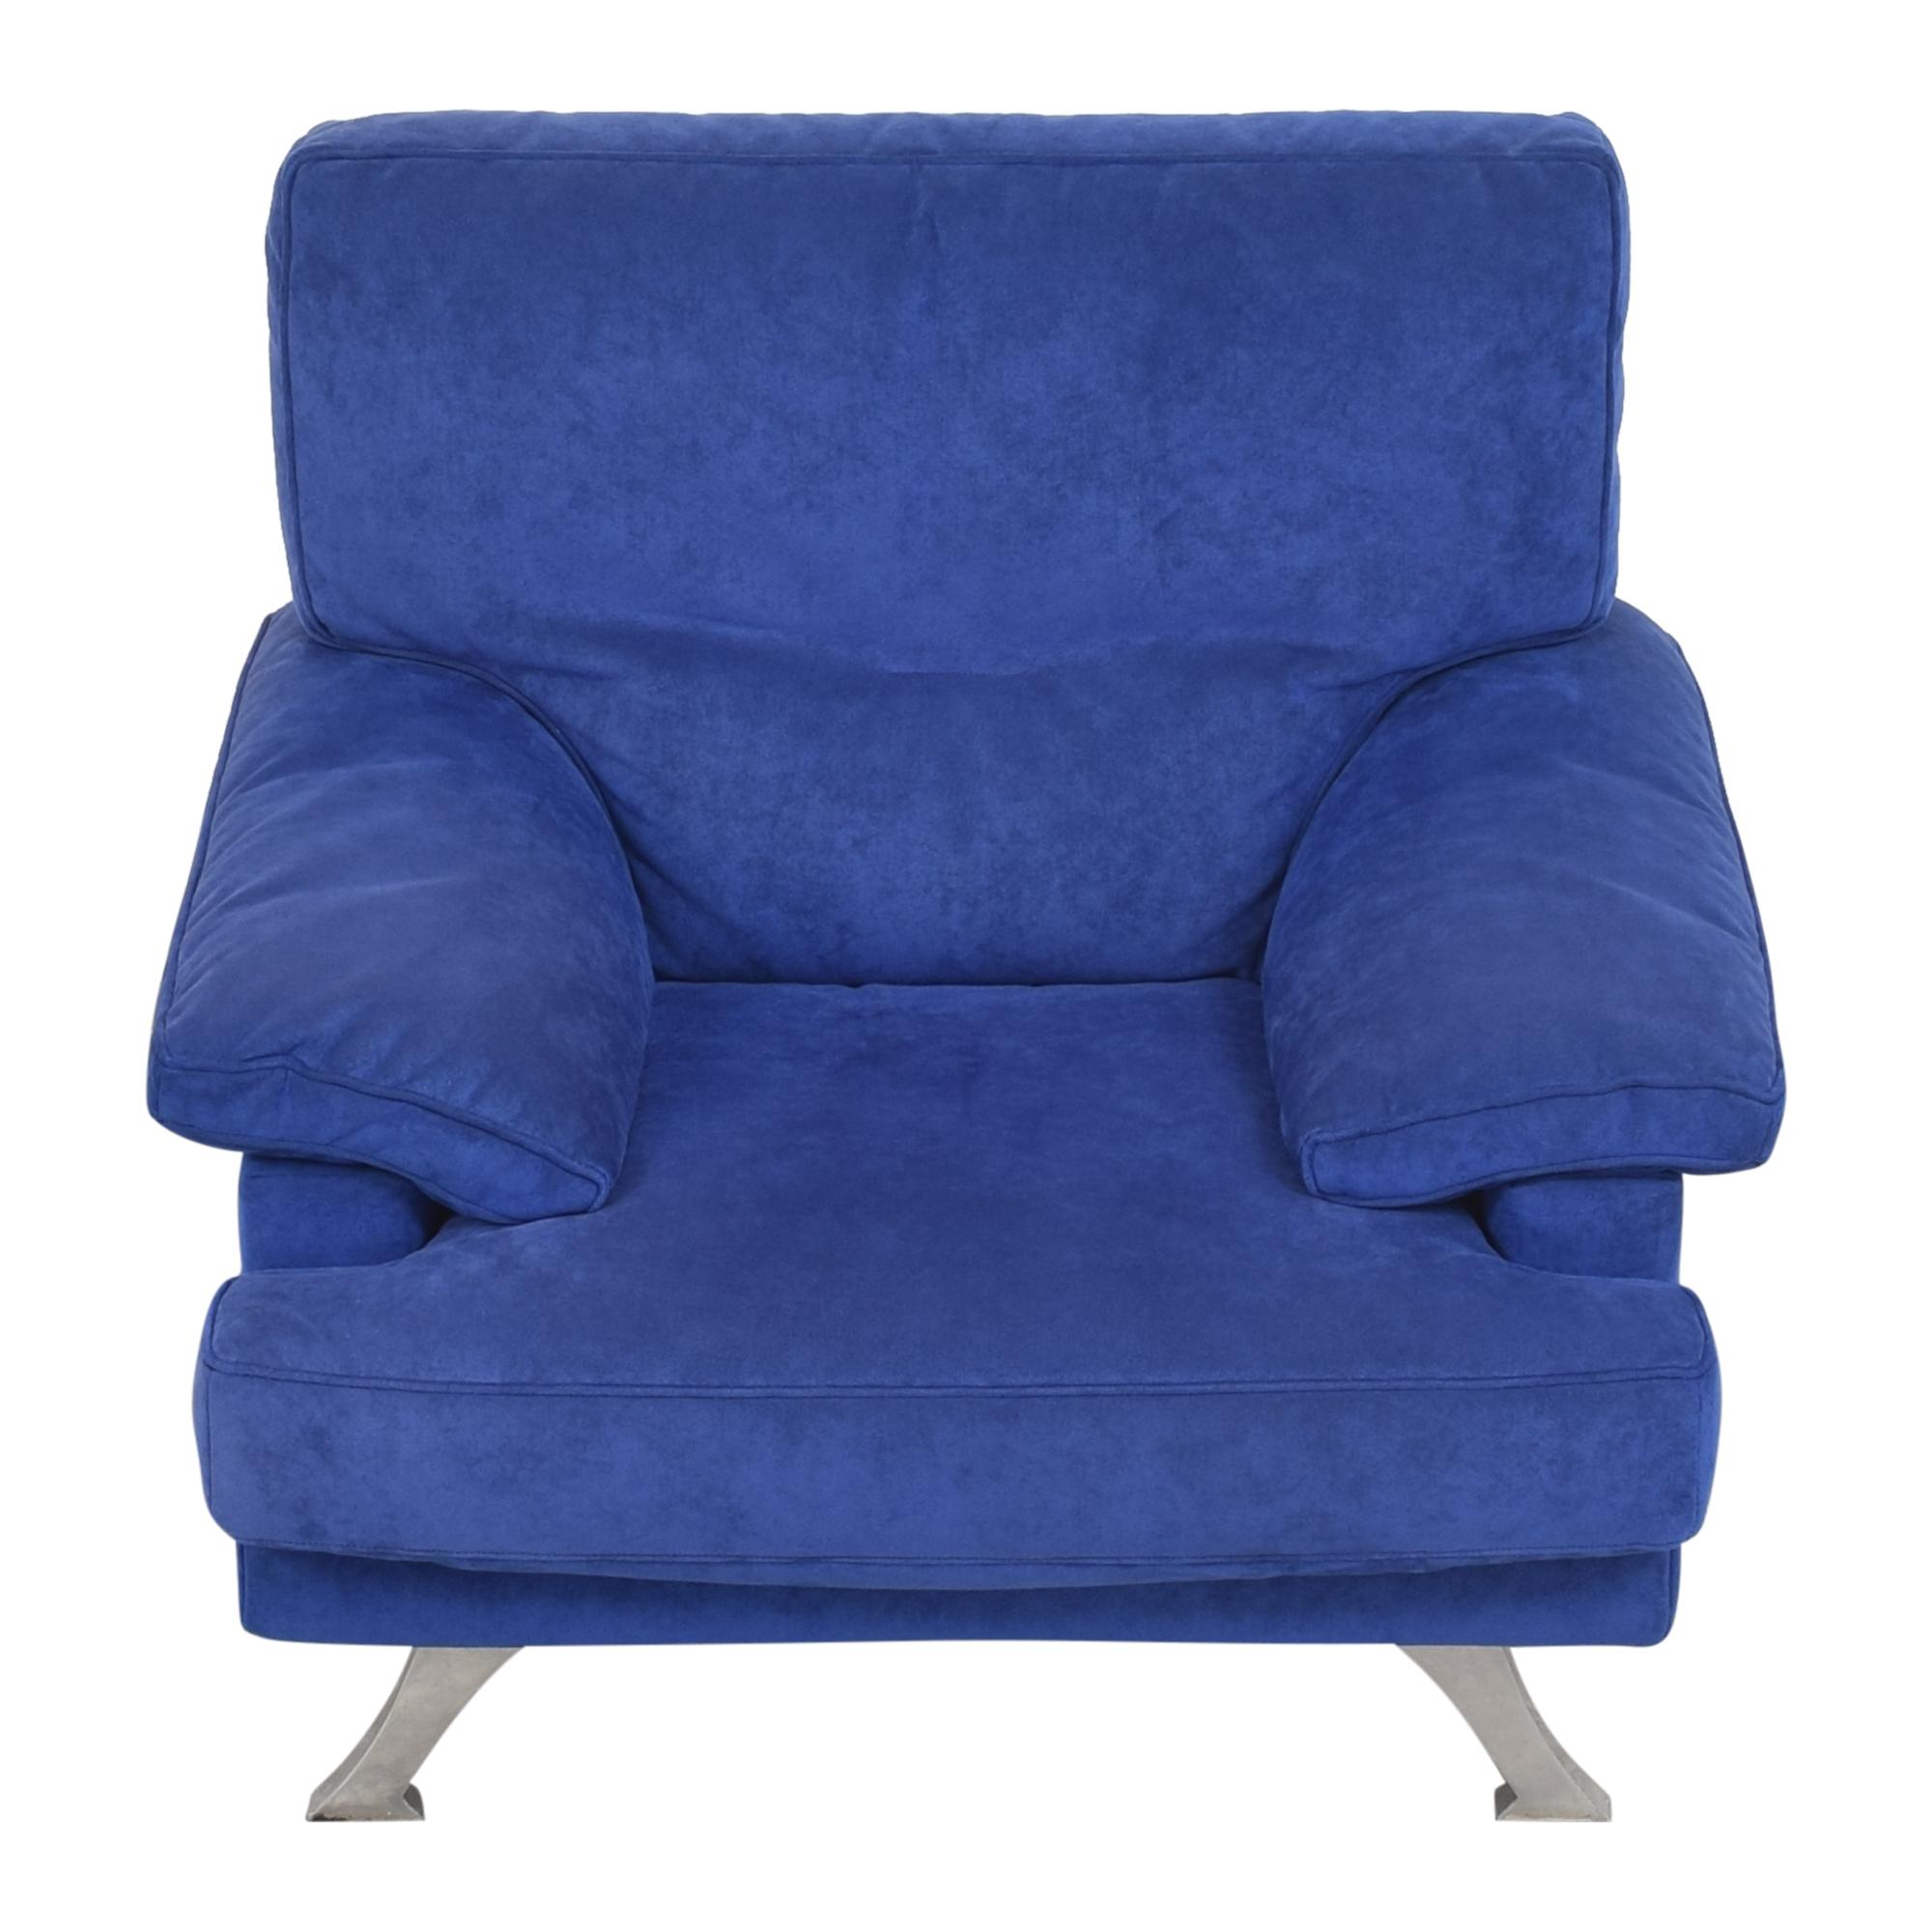 Ligne Roset Ligne Roset Lounge Chair for sale